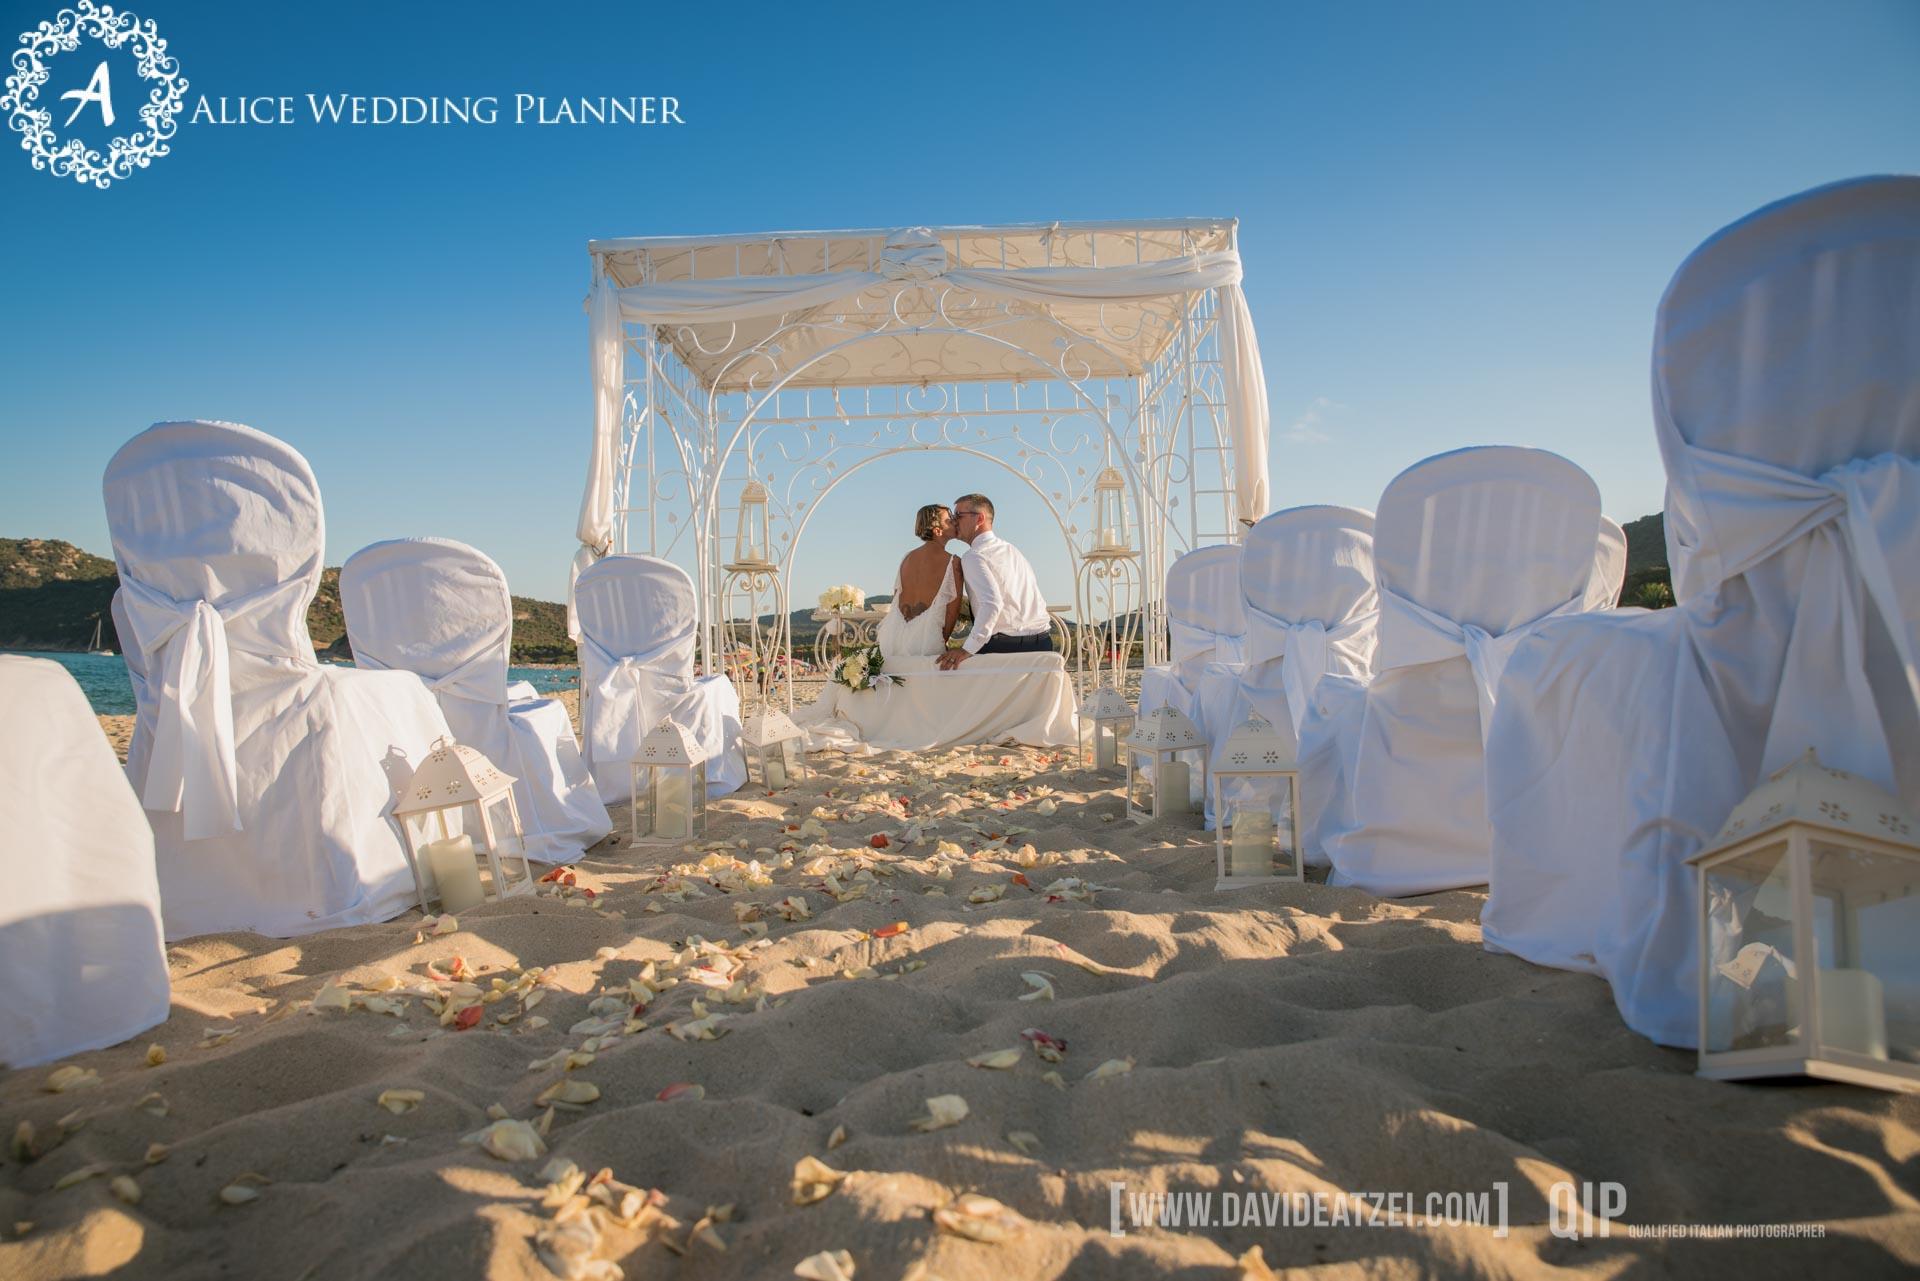 Matrimonio Spiaggia Bibione : Matrimonio in spiaggia ed è subito amore! sopravvivere all